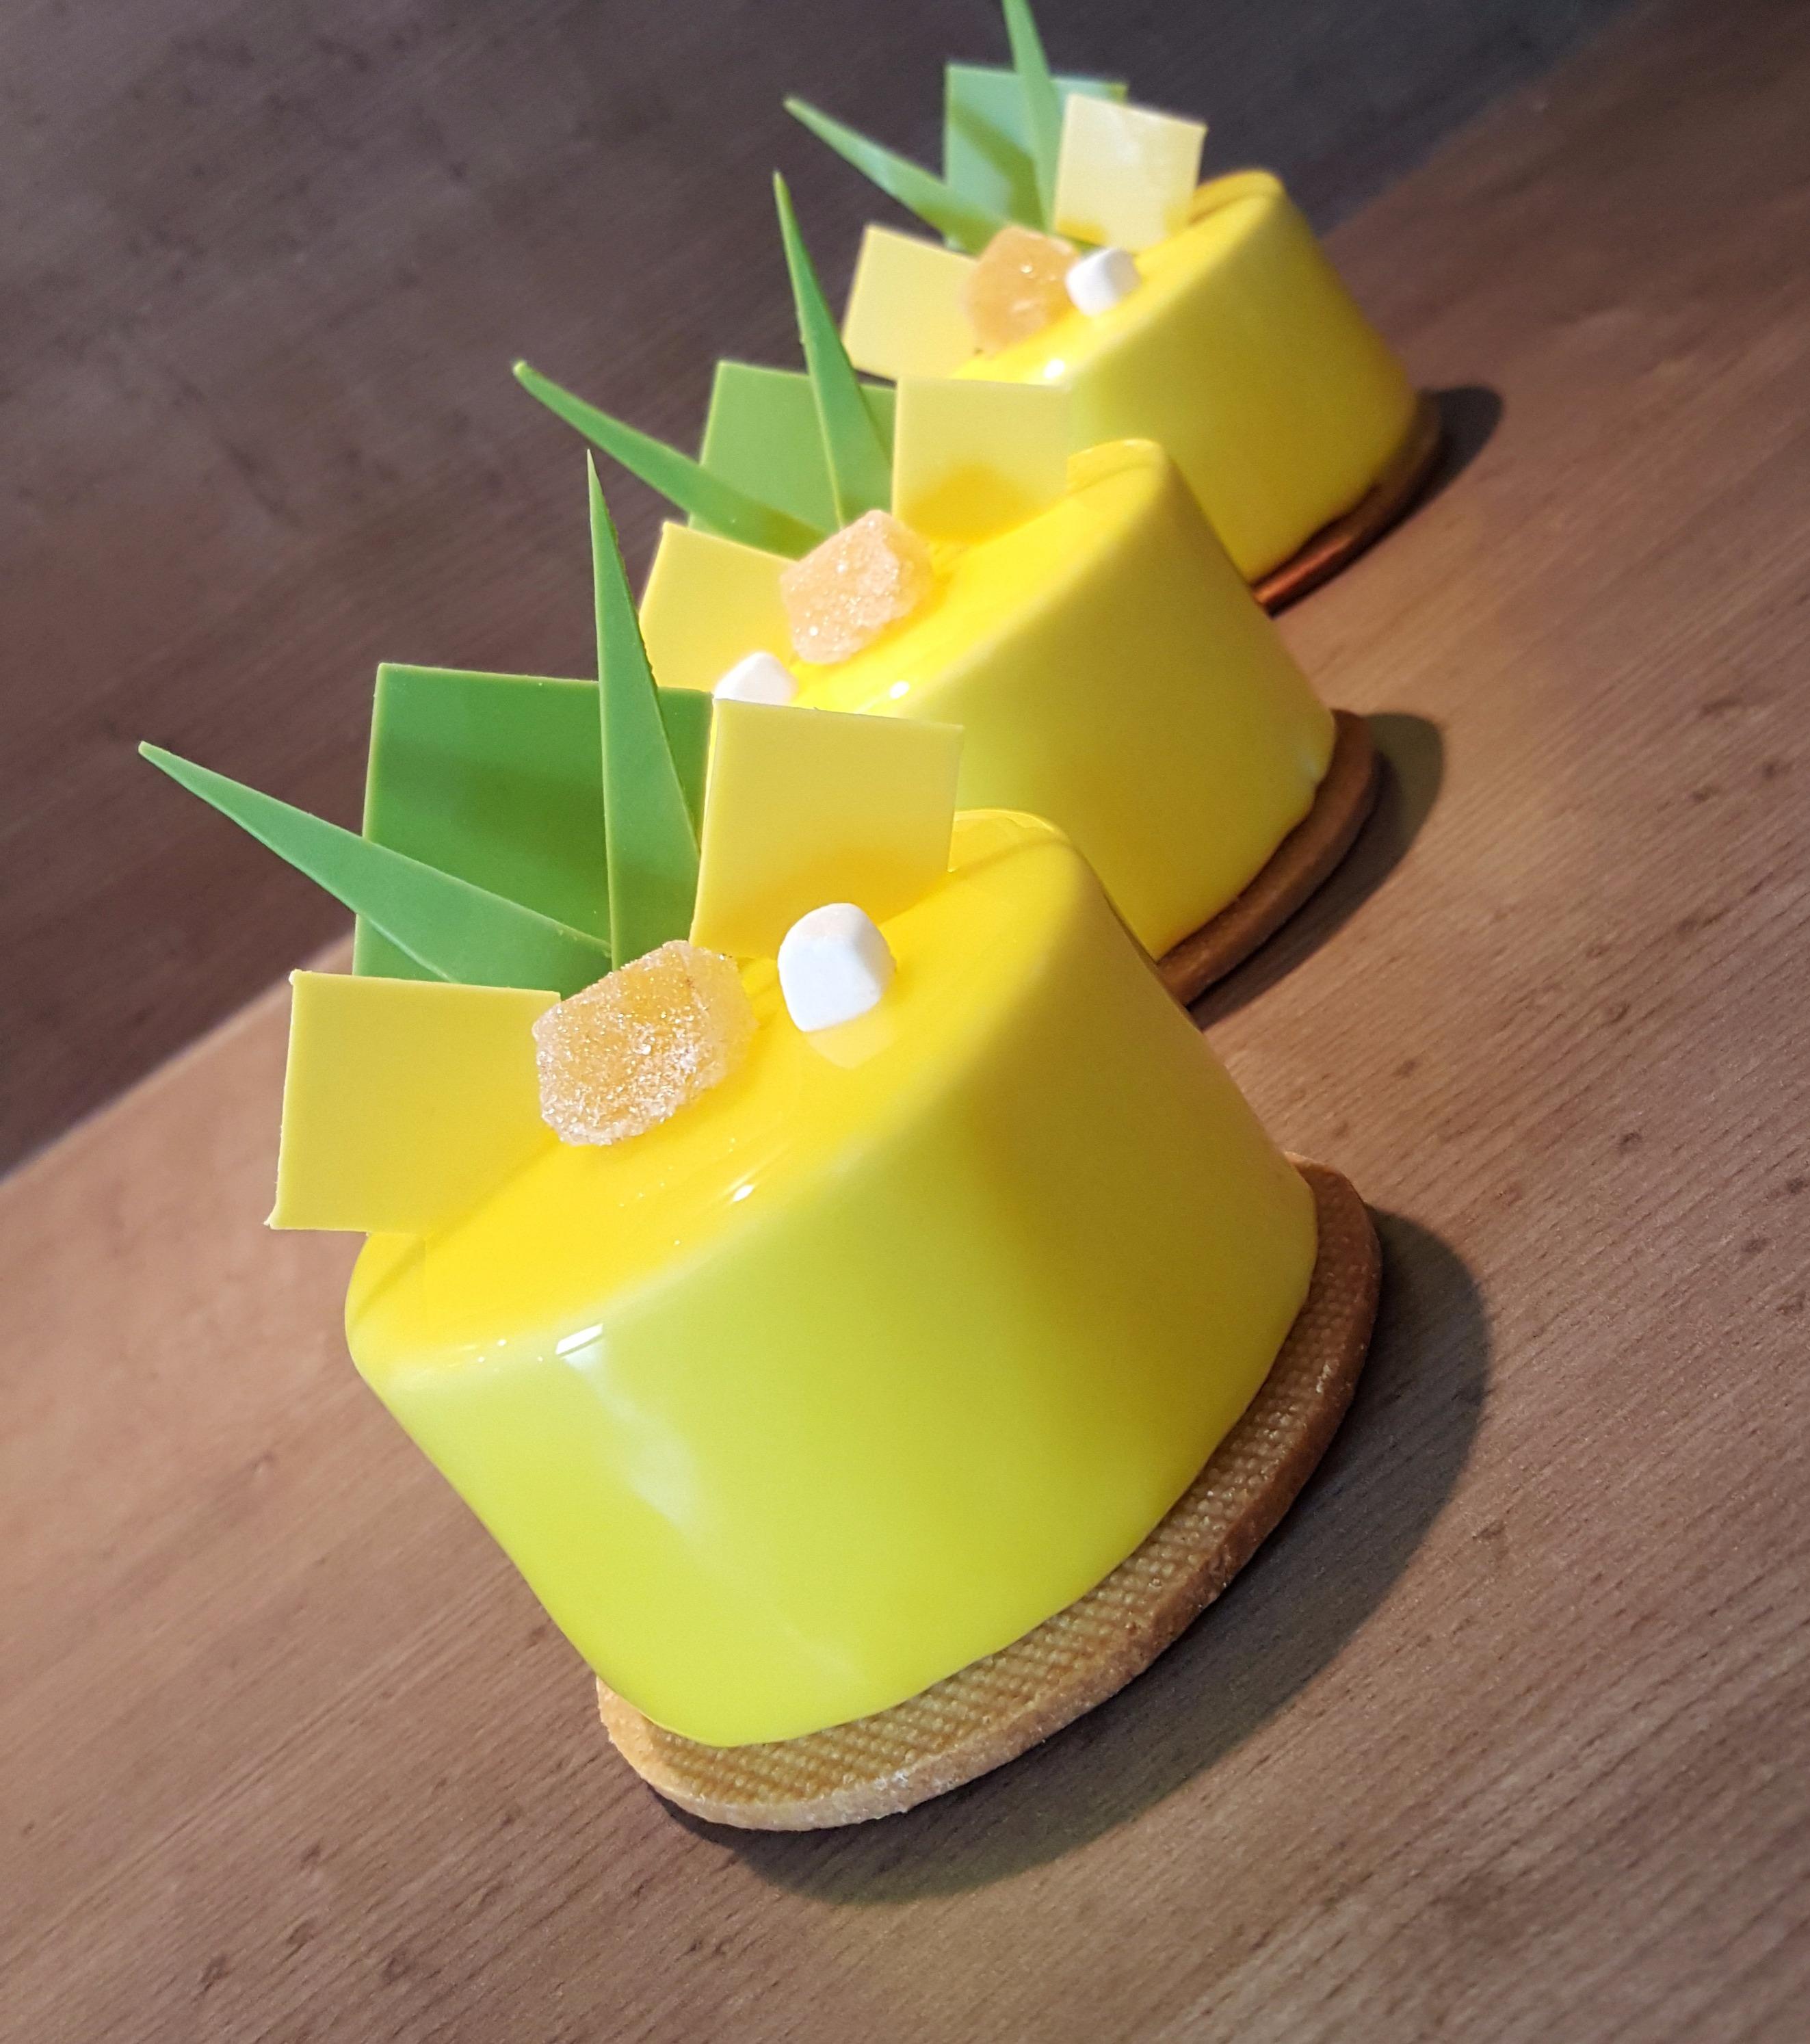 Petits gâteaux ananas & citron vert.